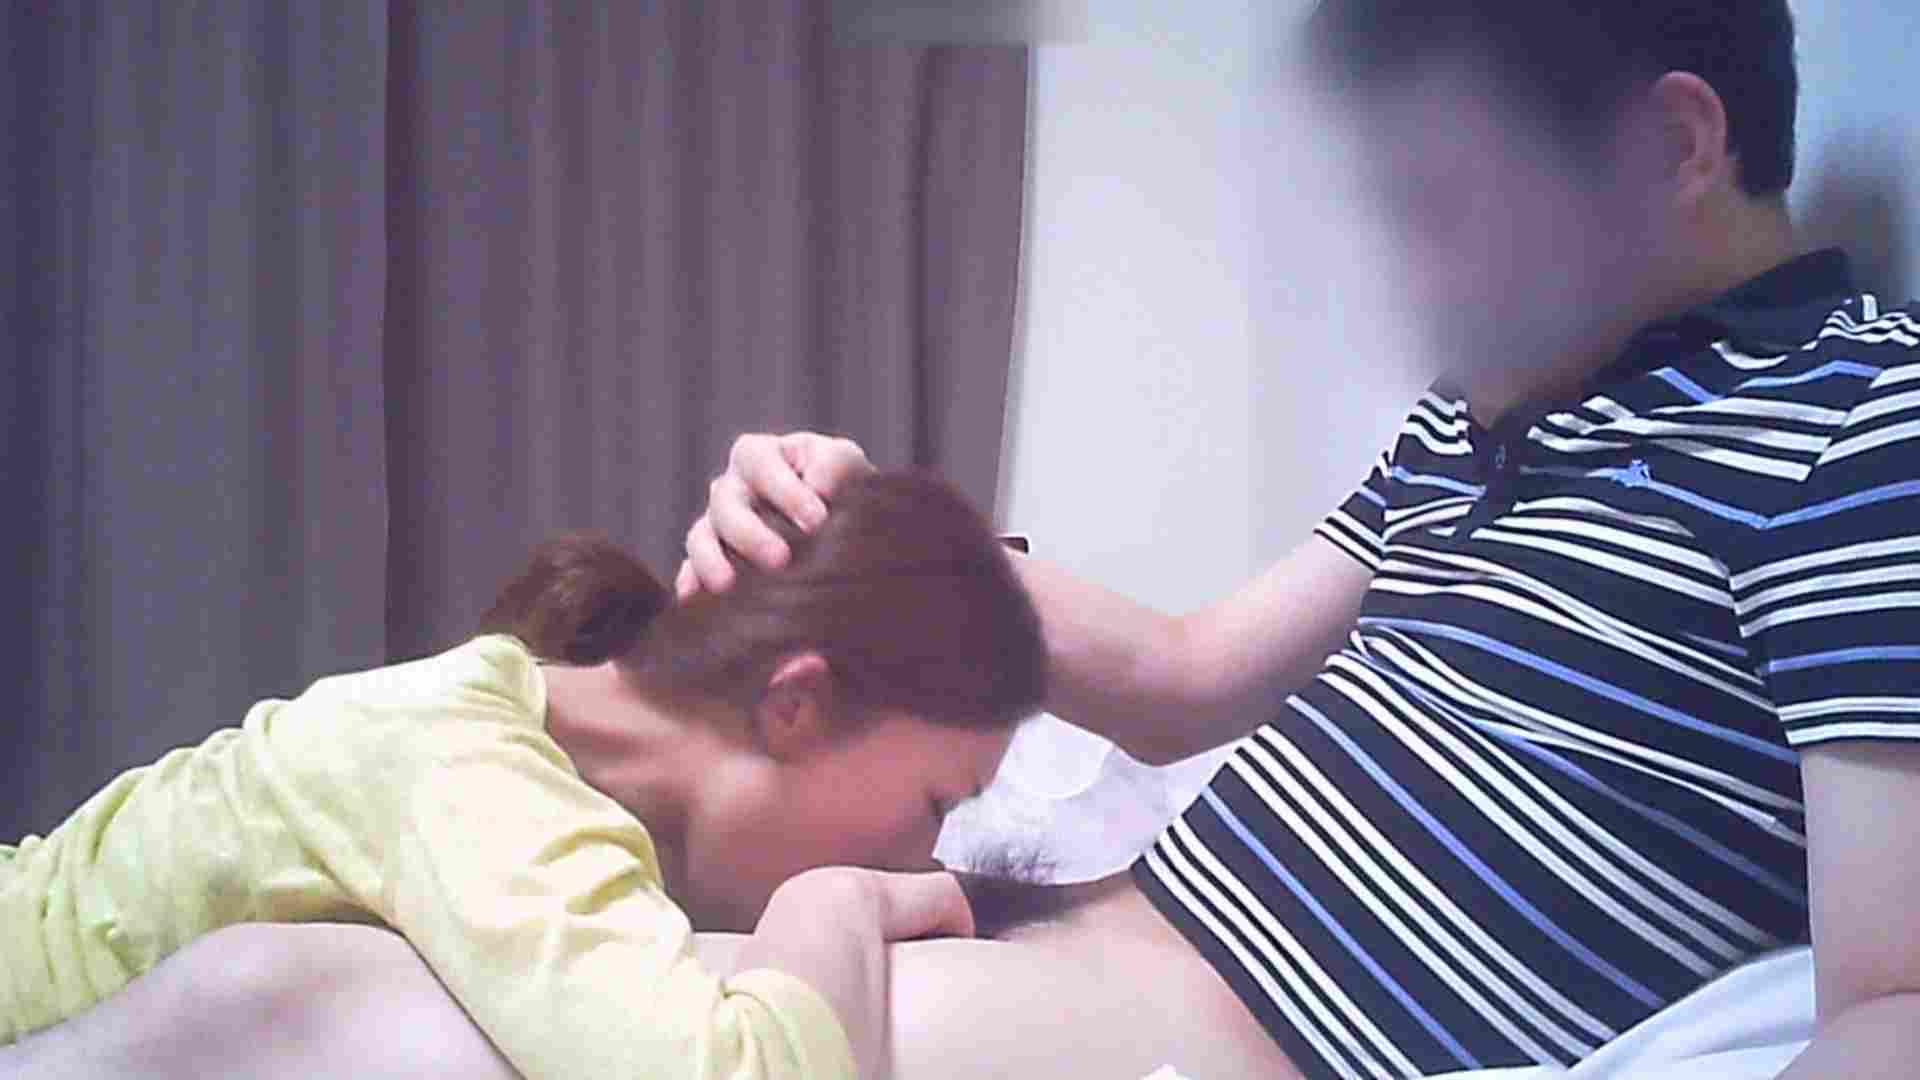 乳首大き目の24歳Y子 SEX フェラ編 SEX | 乳首コレクション  54連発 10